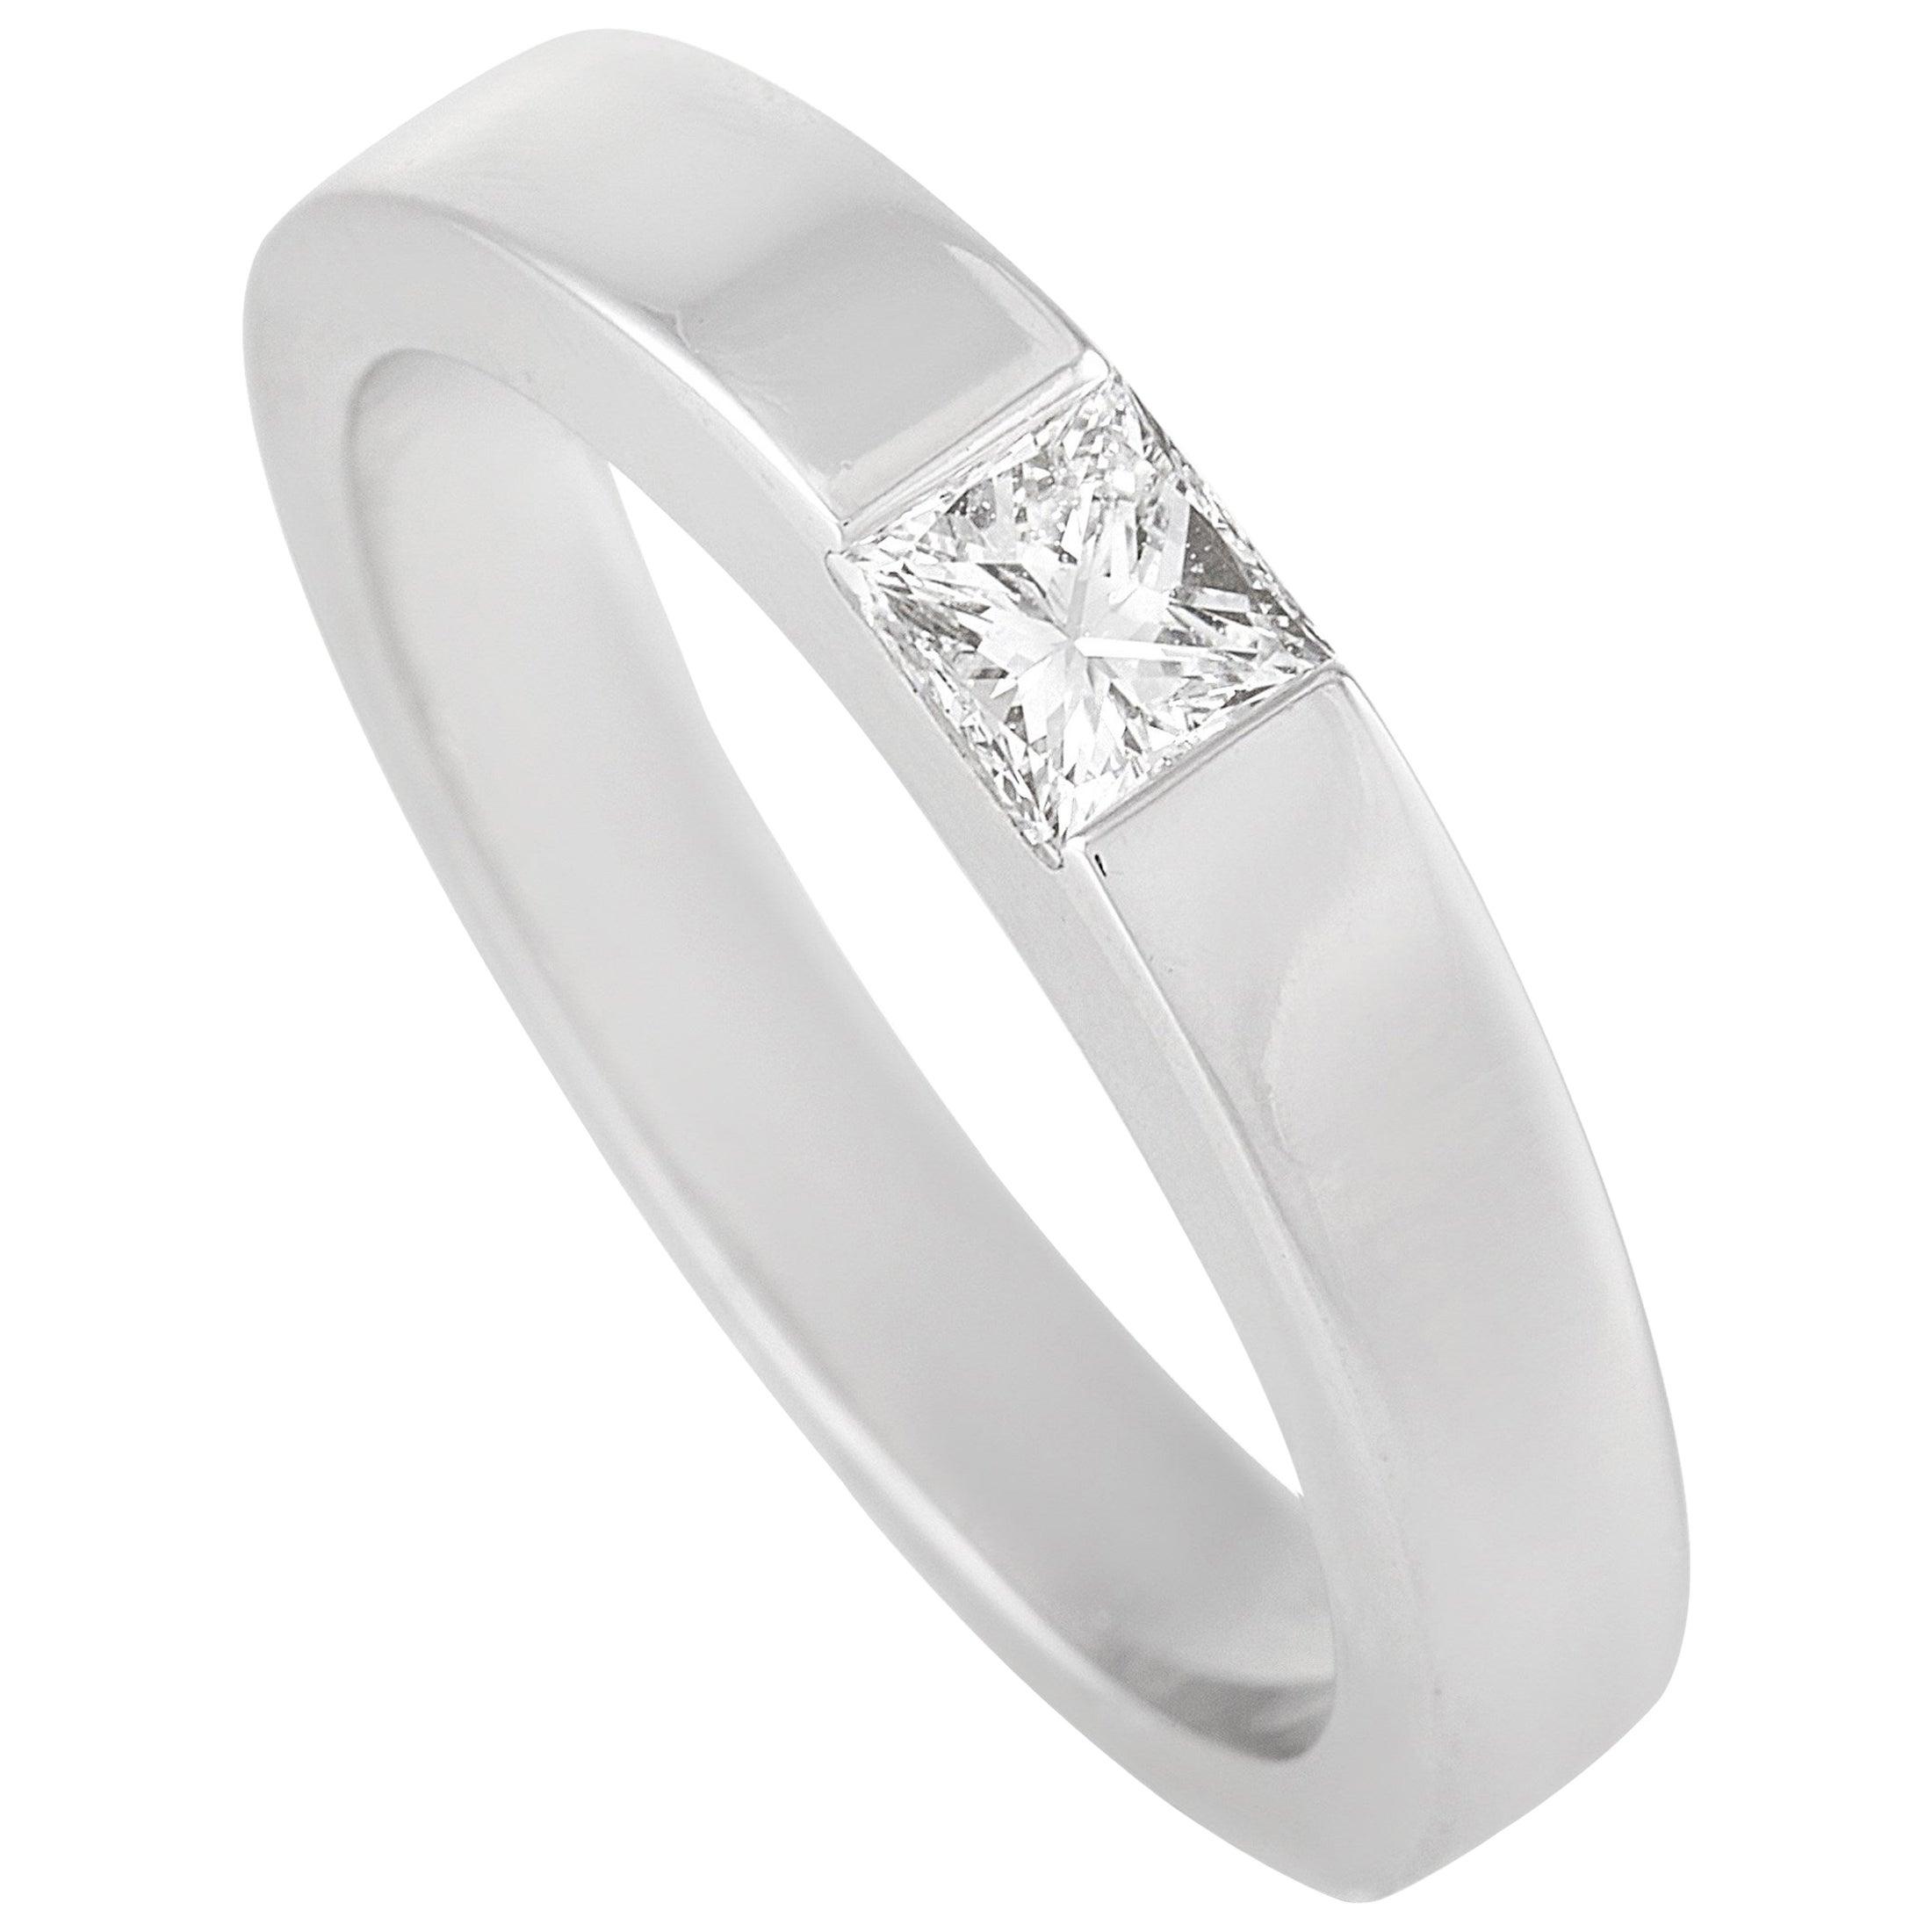 Cartier 18 Karat White Gold 0.25 Carat Diamond Ring